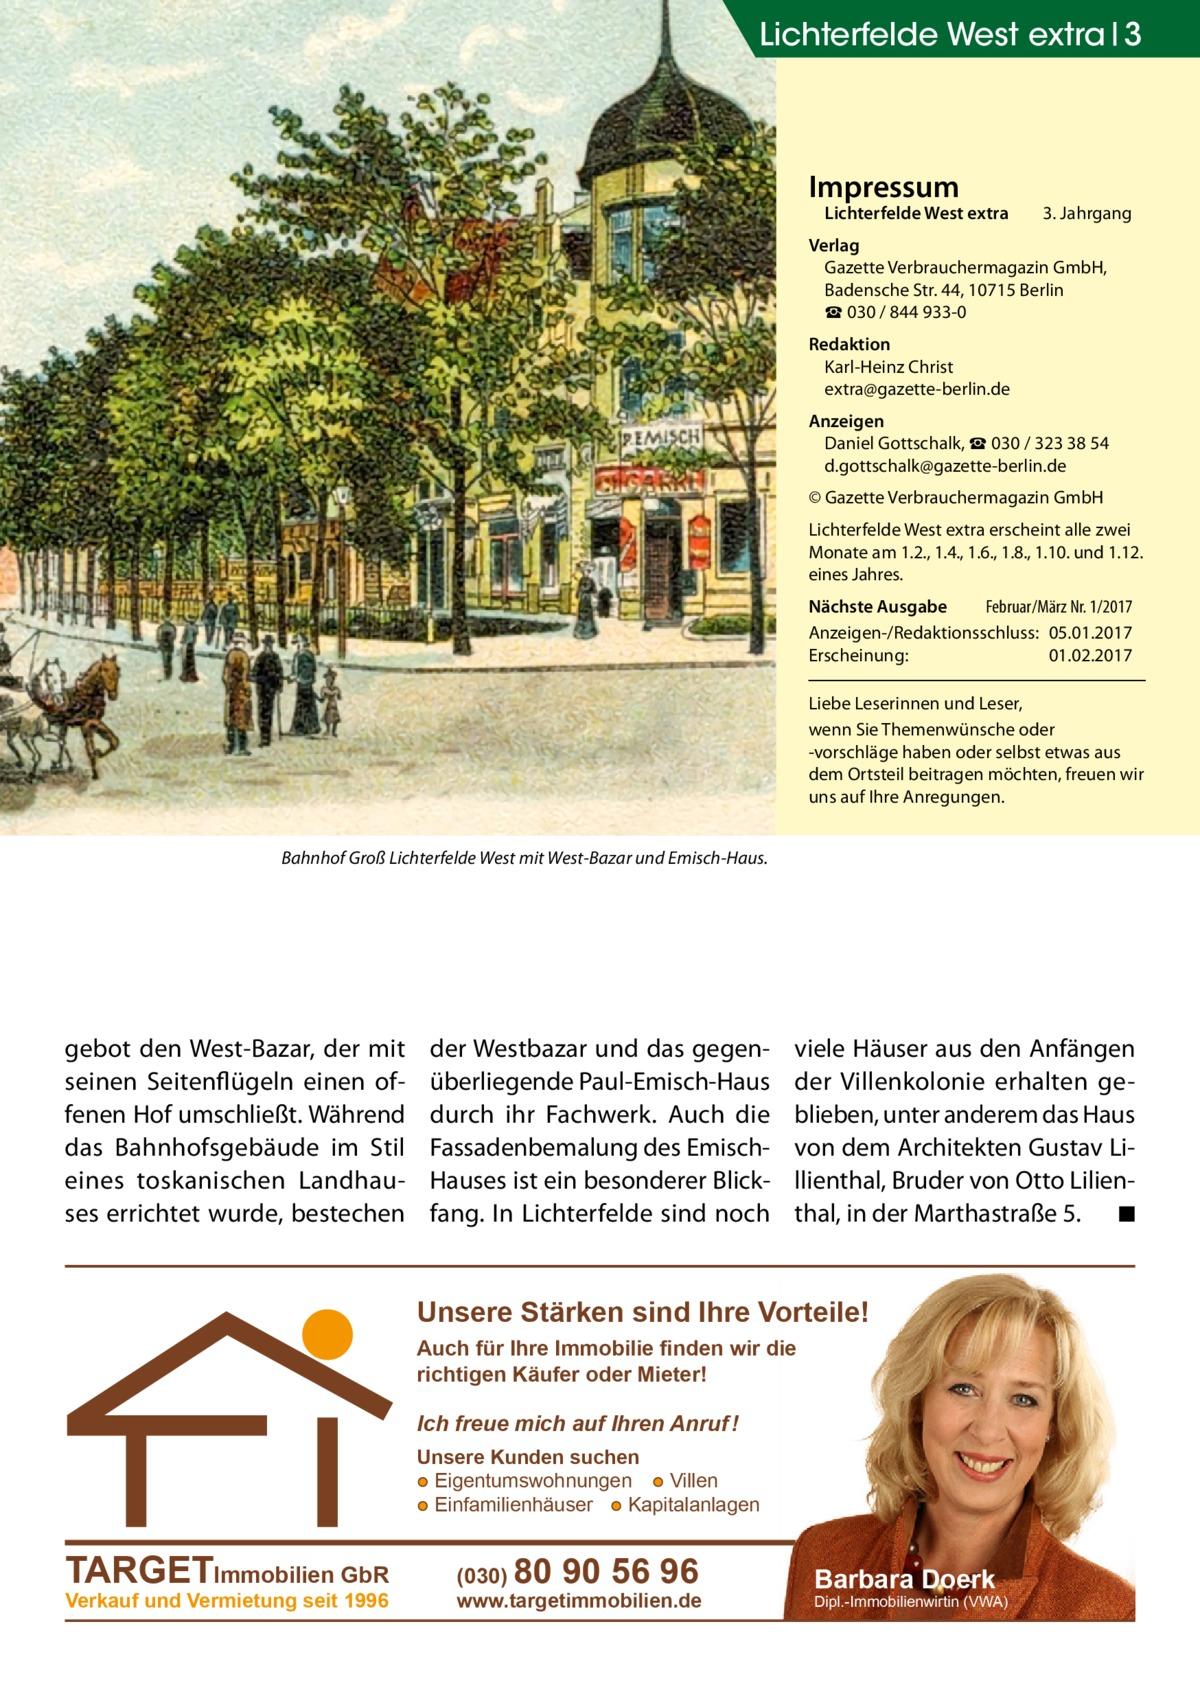 Lichterfelde West extra 3  Impressum  Lichterfelde West extra  3. Jahrgang  Verlag Gazette Verbrauchermagazin GmbH, BadenscheStr.44, 10715Berlin ☎ 030 / 844 933-0 Redaktion Karl-Heinz Christ extra@gazette-berlin.de Anzeigen Daniel Gottschalk, ☎ 030 / 323 38 54 d.gottschalk@gazette-berlin.de © Gazette Verbrauchermagazin GmbH Lichterfelde West extra erscheint alle zwei Monate am 1.2., 1.4., 1.6., 1.8., 1.10. und 1.12. eines Jahres. Nächste Ausgabe  Februar/März Nr. 1/2017 Anzeigen-/Redaktionsschluss:05.01.2017 Erscheinung:01.02.2017 Liebe Leserinnen und Leser, wenn Sie Themenwünsche oder -vorschläge haben oder selbst etwas aus dem Ortsteil beitragen möchten, freuen wir uns auf Ihre Anregungen. Bahnhof Groß Lichterfelde West mit West-Bazar und Emisch-Haus.  gebot den West-Bazar, der mit seinen Seitenflügeln einen offenen Hof umschließt. Während das Bahnhofsgebäude im Stil eines toskanischen Landhauses errichtet wurde, bestechen  der Westbazar und das gegenüberliegende Paul-Emisch-Haus durch ihr Fachwerk. Auch die Fassadenbemalung des EmischHauses ist ein besonderer Blickfang. In Lichterfelde sind noch  viele Häuser aus den Anfängen der Villenkolonie erhalten geblieben, unter anderem das Haus von dem Architekten Gustav Lillienthal, Bruder von Otto Lilienthal, in der Marthastraße5. � ◾  Unsere Stärken sind Ihre Vorteile! Auch für Ihre Immobilie finden wir die richtigen Käufer oder Mieter!  Ich freue mich auf Ihren Anruf ! Unsere Kunden suchen ● Eigentumswohnungen ● Villen ● Einfamilienhäuser ● Kapitalanlagen  TARGETImmobilien GbR Verkauf und Vermietung seit 1996  (030)  80 90 56 96  www.targetimmobilien.de  Barbara Doerk  Dipl.-Immobilienwirtin (VWA)